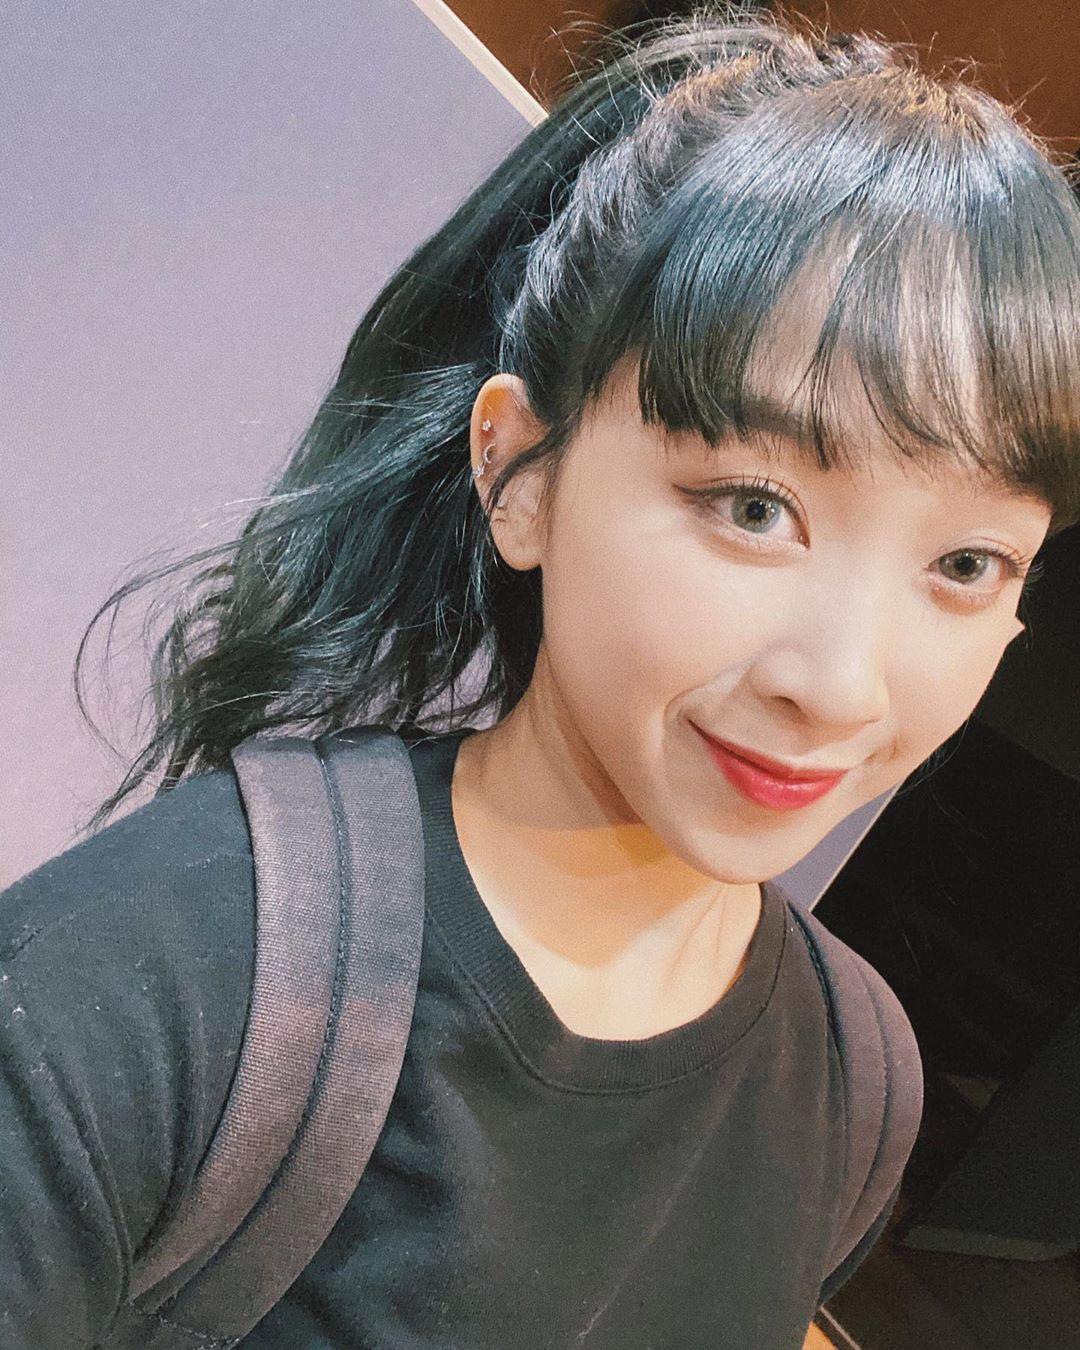 Kpop Idol Asal Indonesia Pertama, Ini Perjalanan Karier Dita Karang